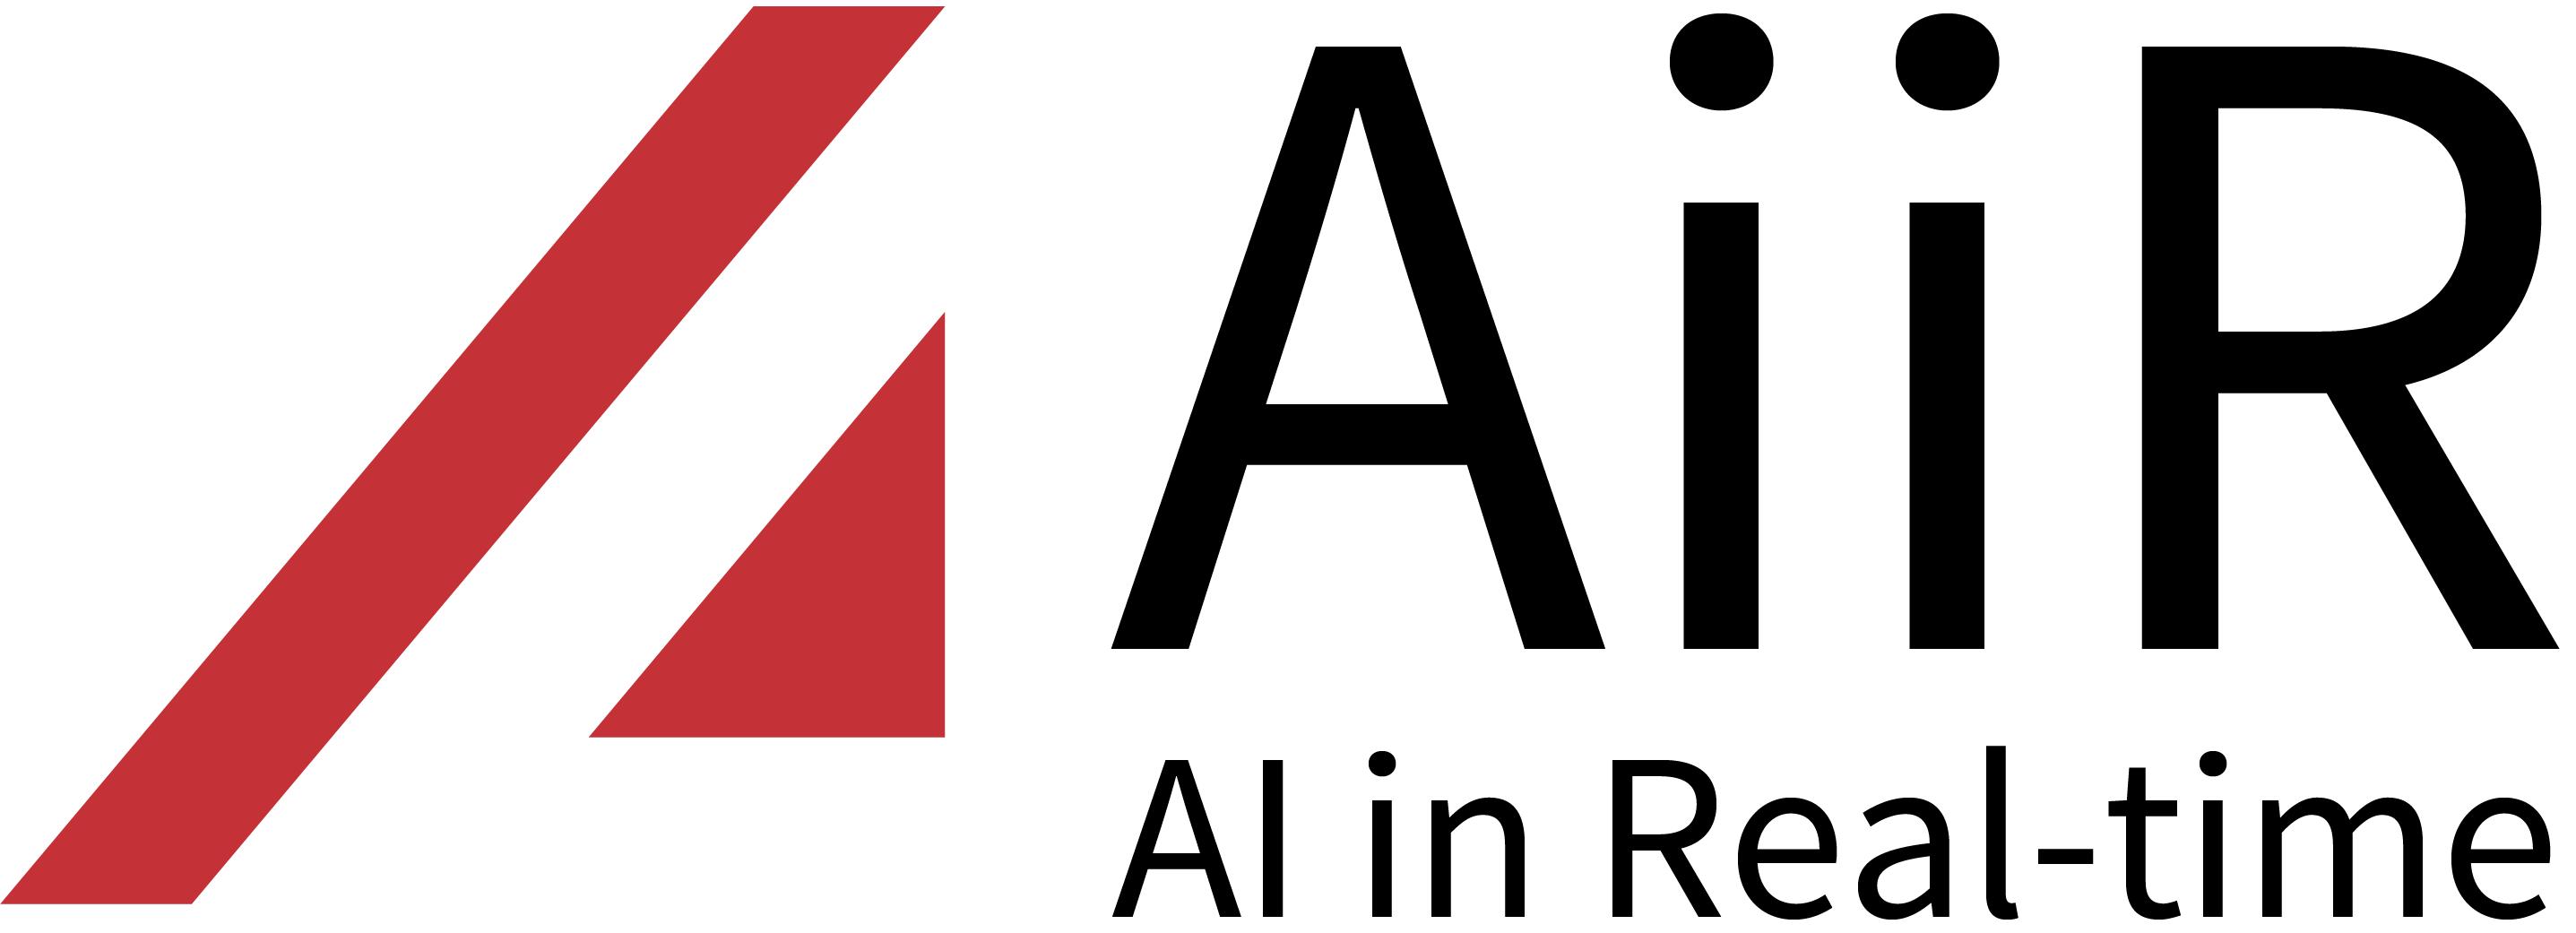 aiir_logo